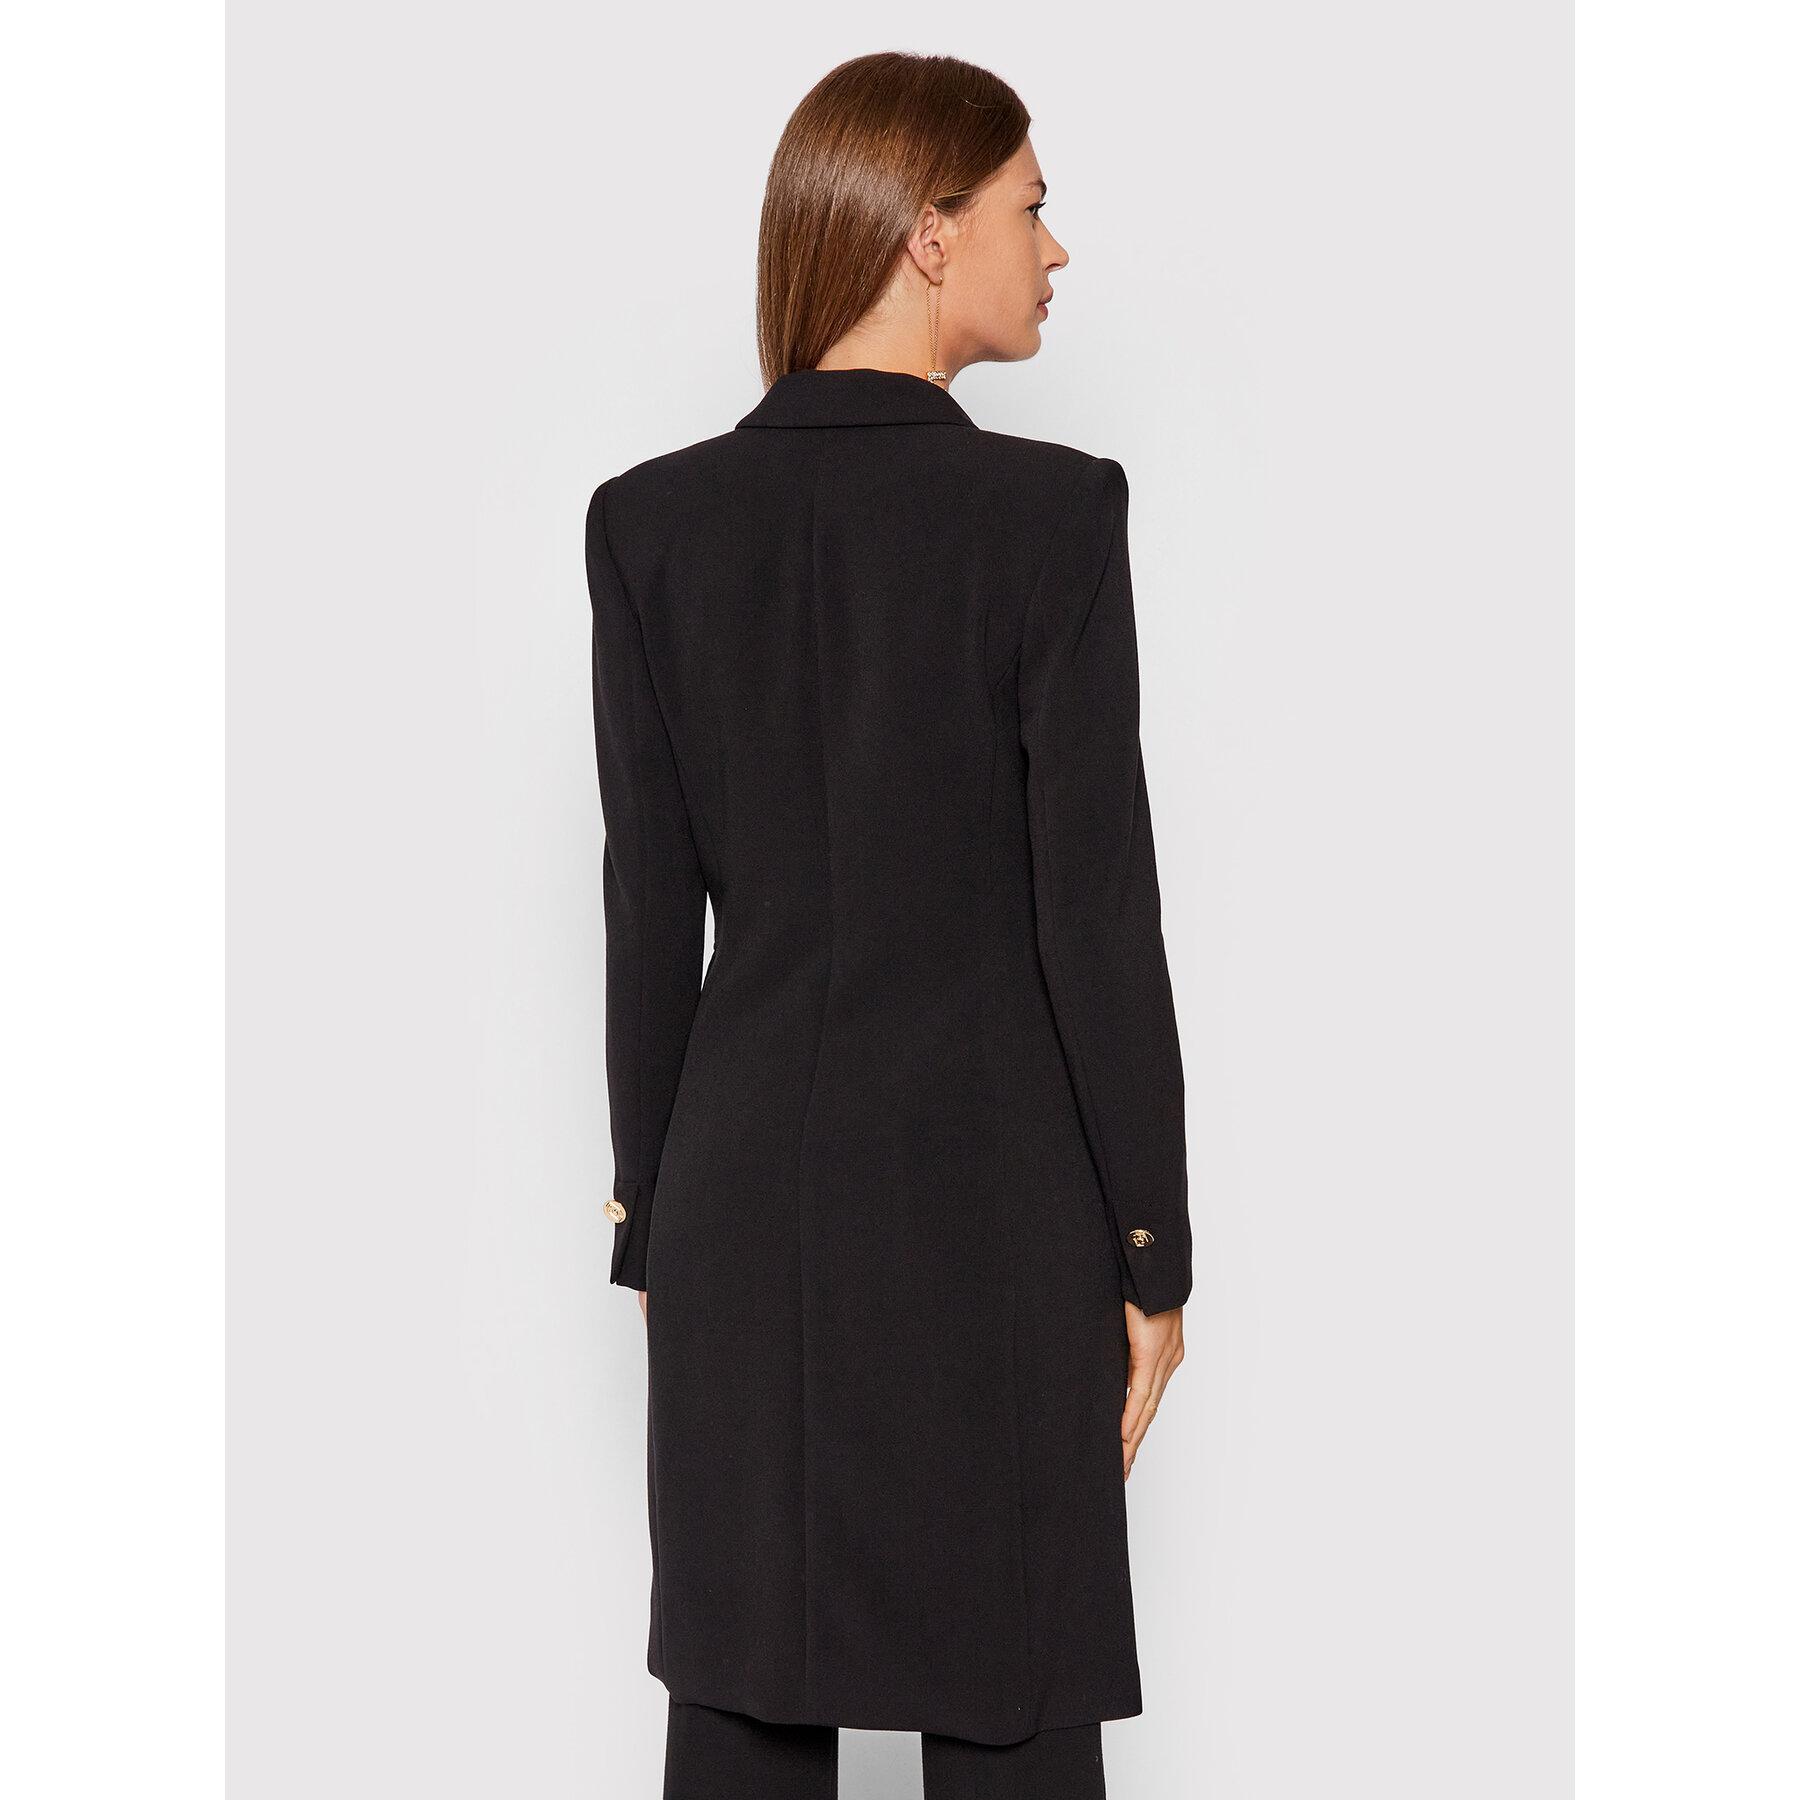 Cappotto donna nero Liu Jo | CF1114T242522222